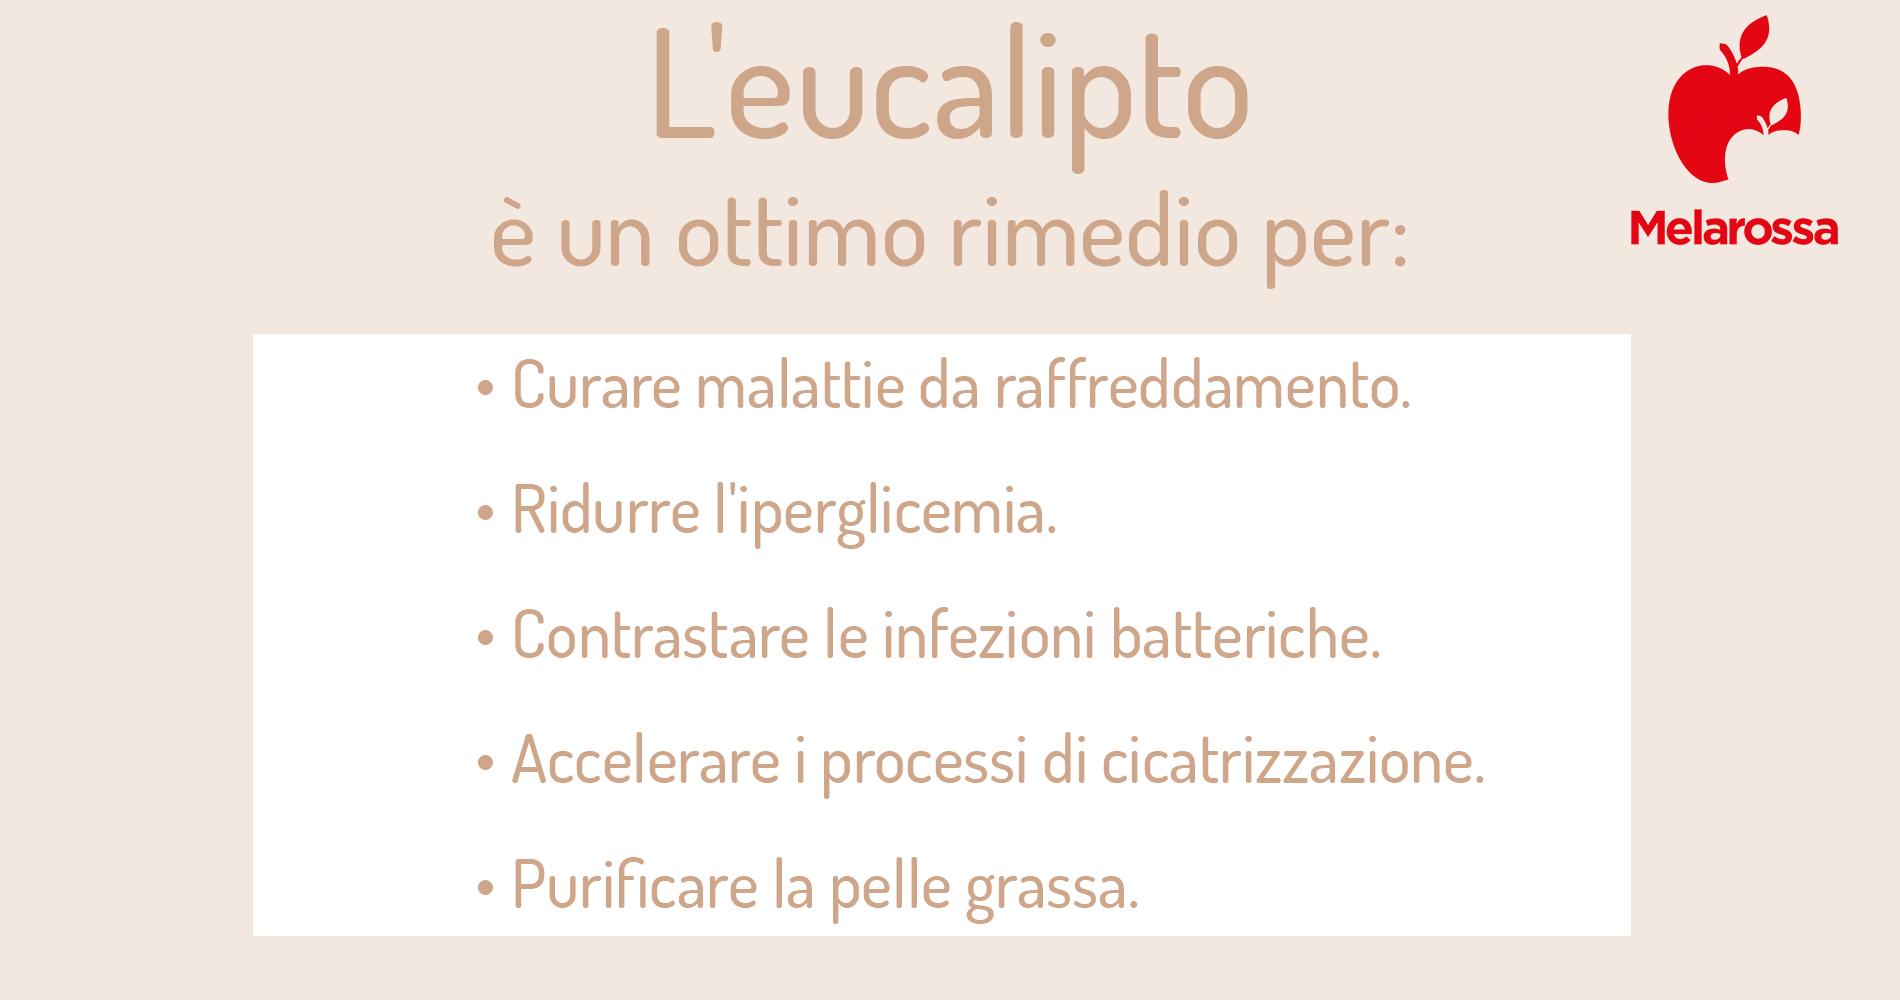 eucalipto: trattamenti